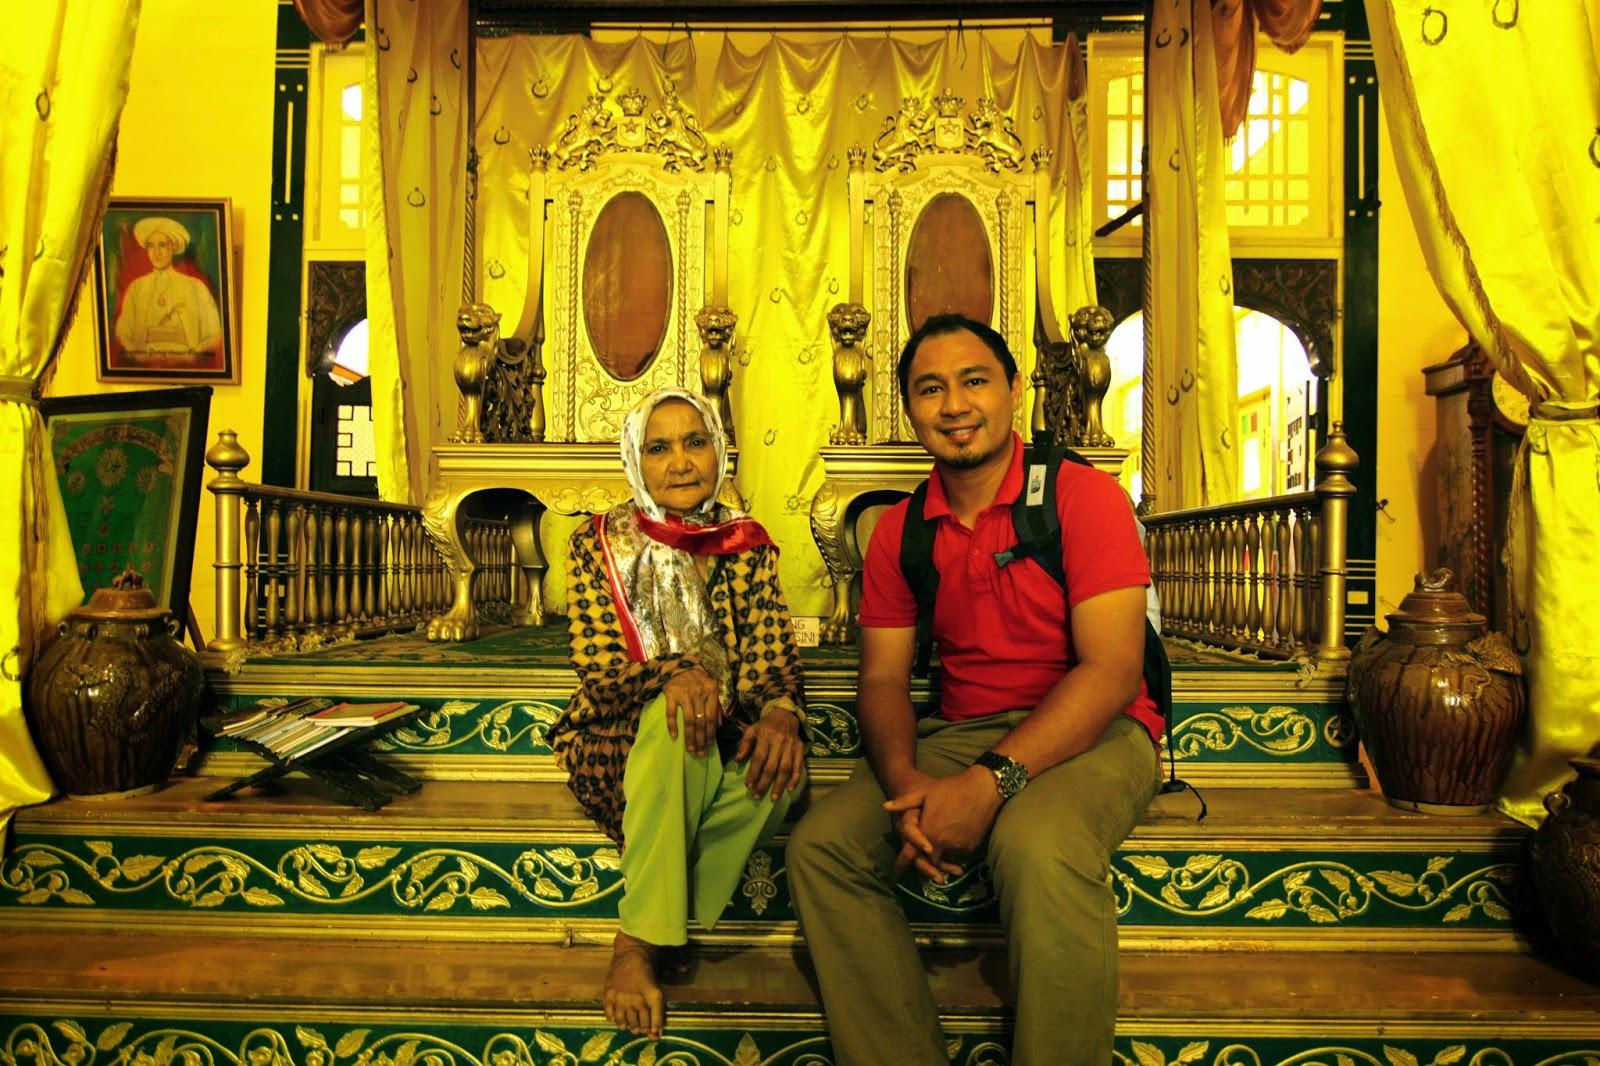 Bersama pewaris Istana Kadriyah (keraton) kediaman rasmi Kesultanan Pontianak